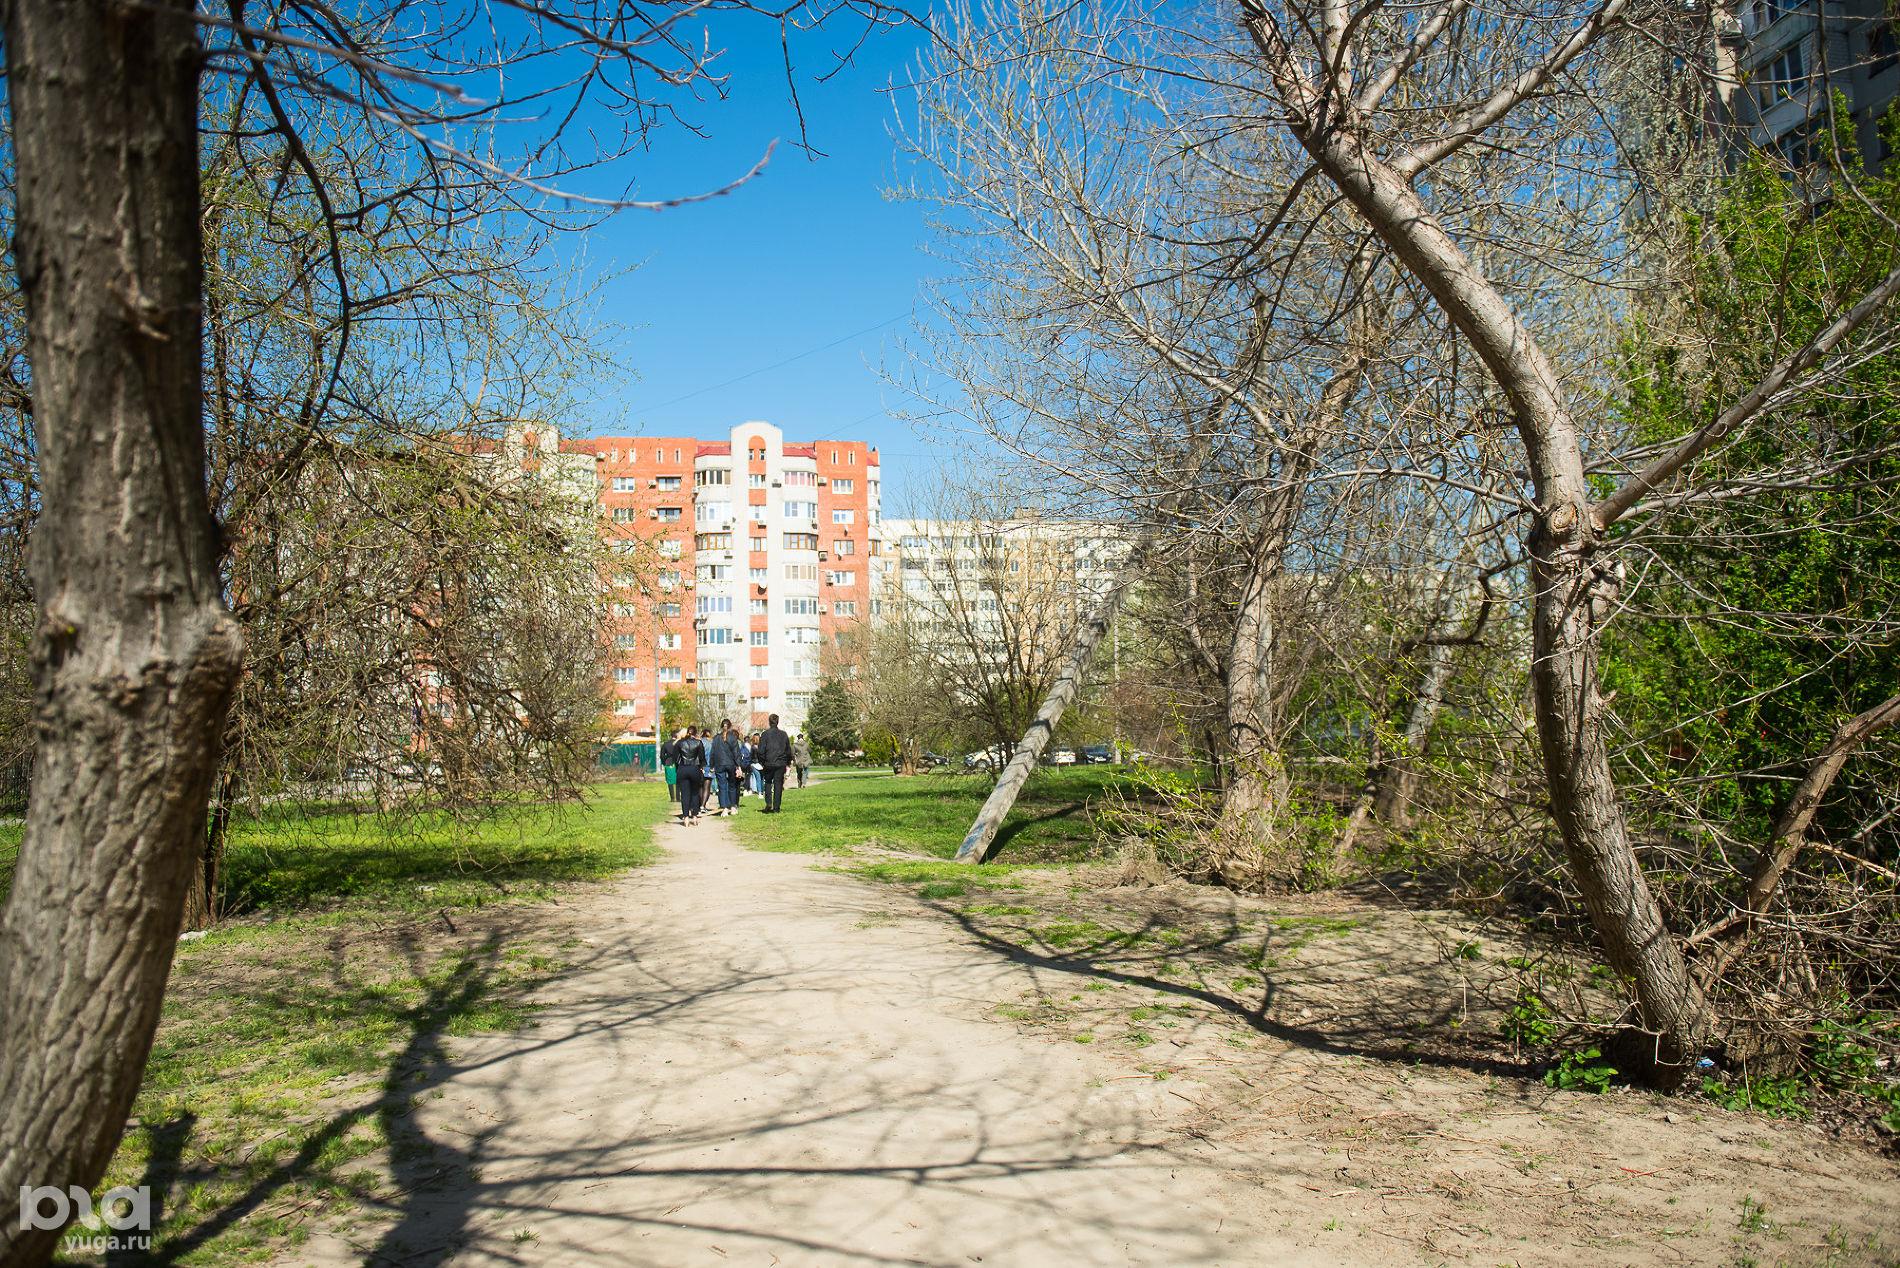 Сквер «Школьный», Юбилейный микрорайон ©Фото Елены Синеок, Юга.ру